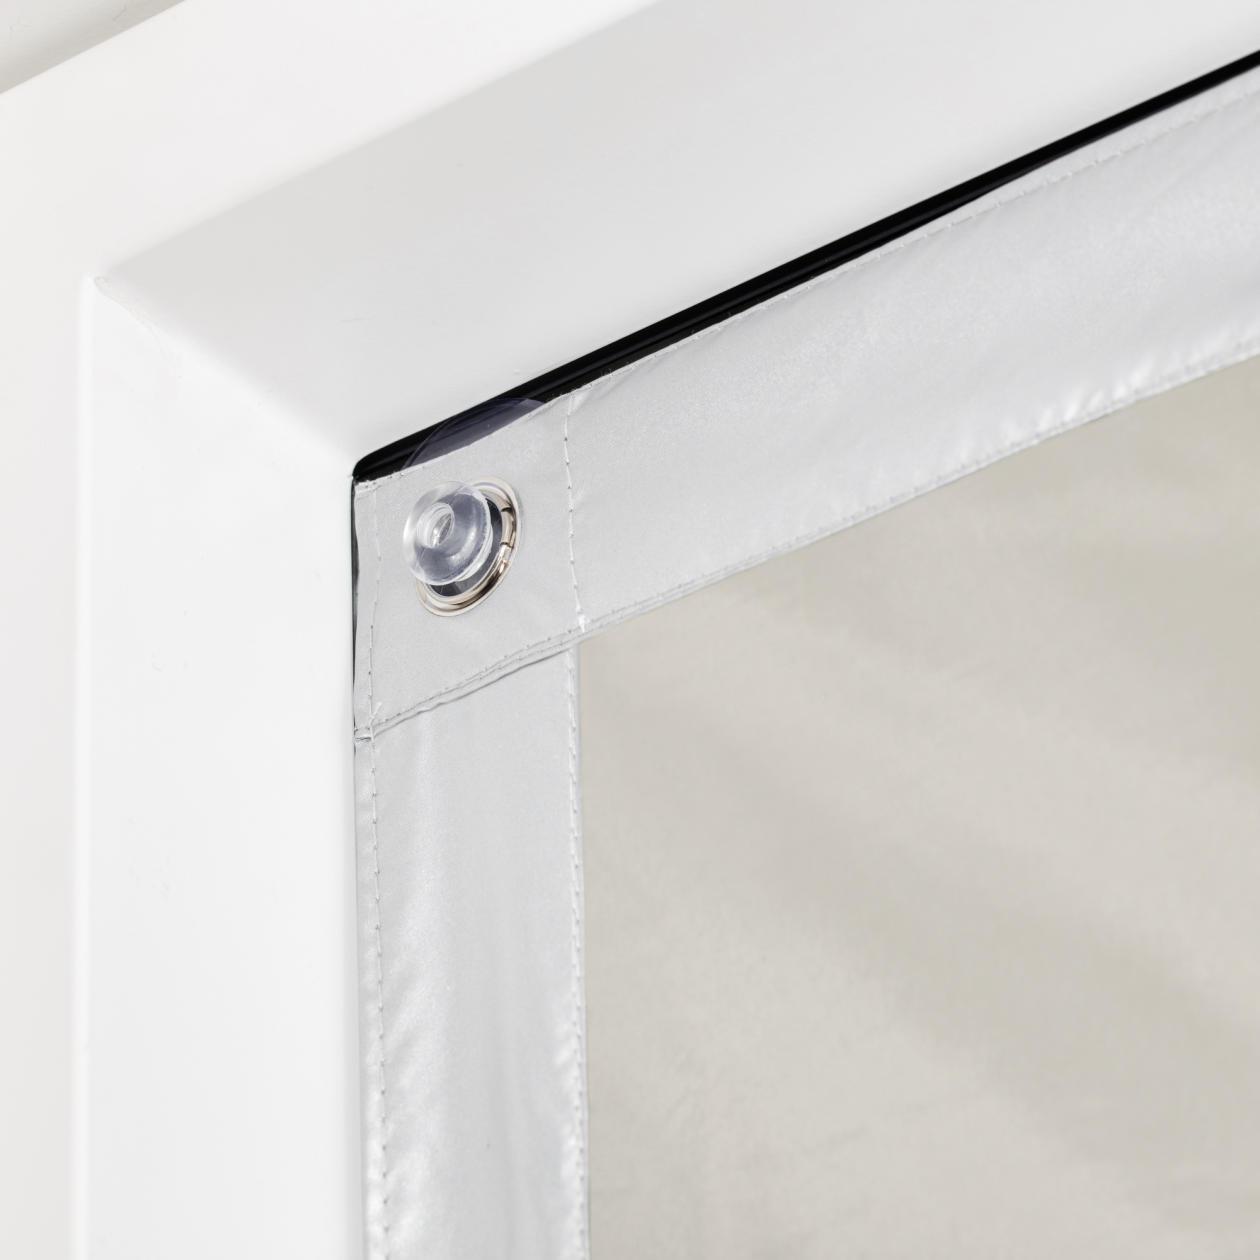 dachfenster sonnenschutz haftfix, ohne bohren | lichblick-shop